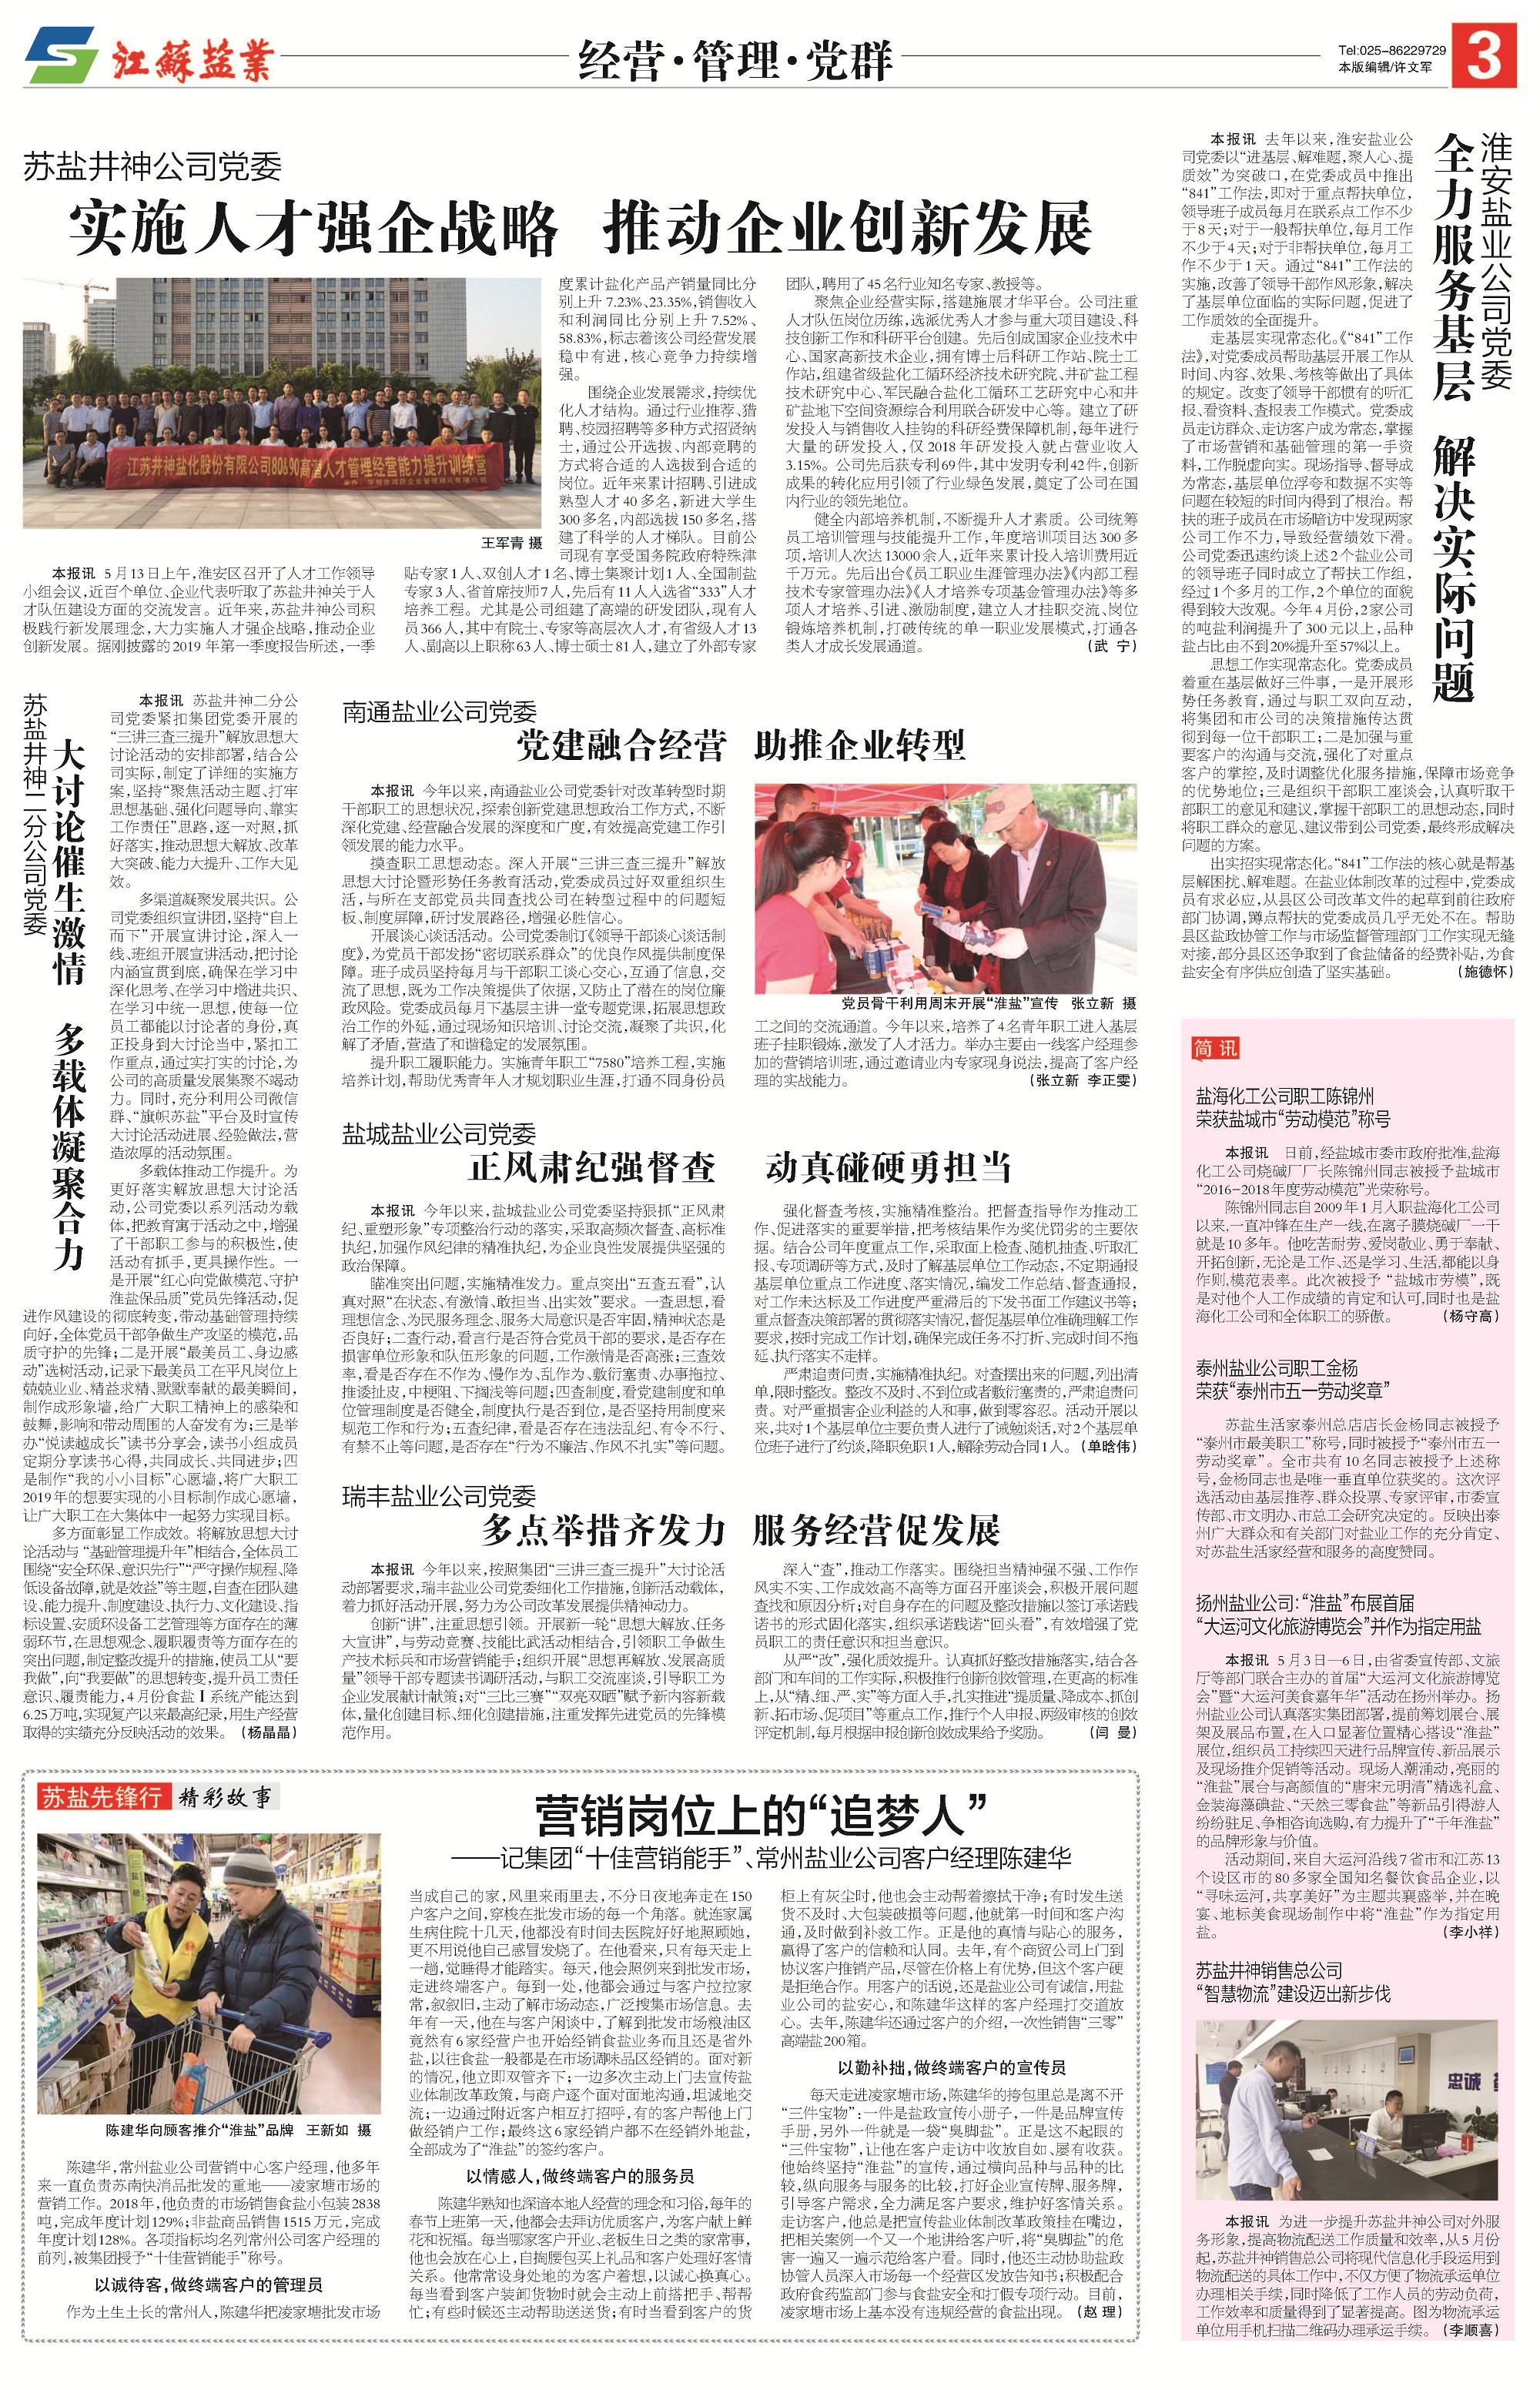 2019年江lol投注平台业报第9期(总第97期)